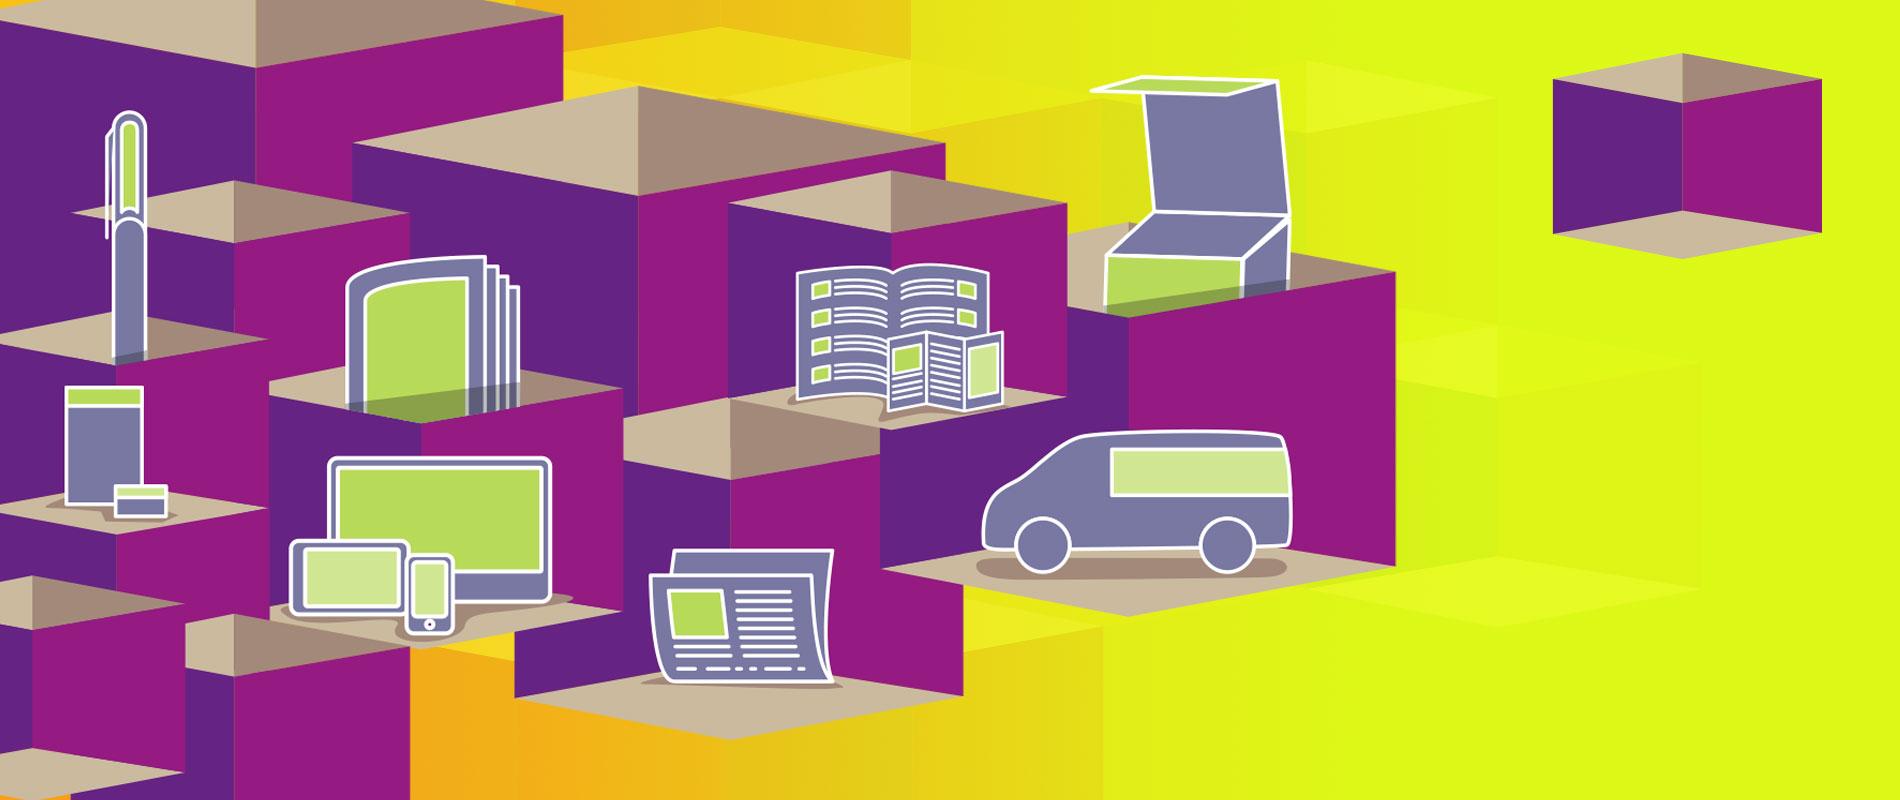 Werbeagentur und Grafikatelier Thomas Junglas. Grafische Darstellung des Dienstleistungsportfolios Design und Werbung mit den Medien Webdesign, Prospekte, Anzeigen, Verpackungsdesign, Fahrzeugbeschriftung, Verkaufsförderung.